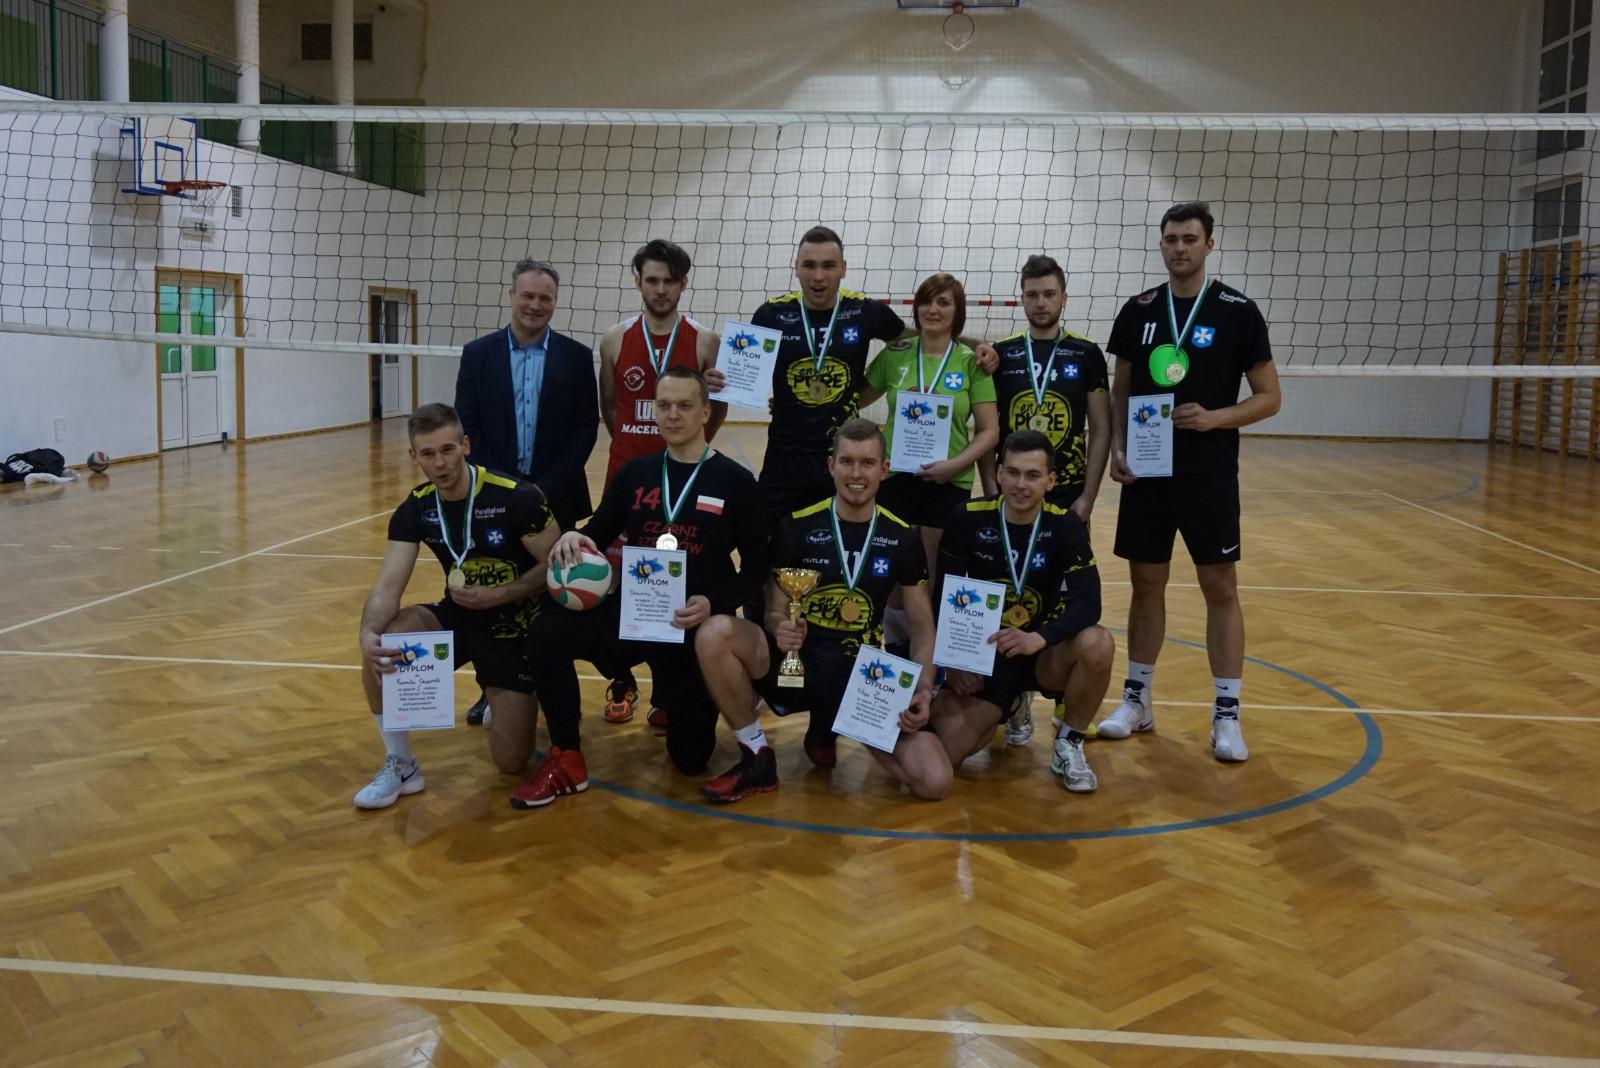 Za nami Otwarty Turniej Piłki Siatkowej w Raniżowie  - Zdjęcie główne